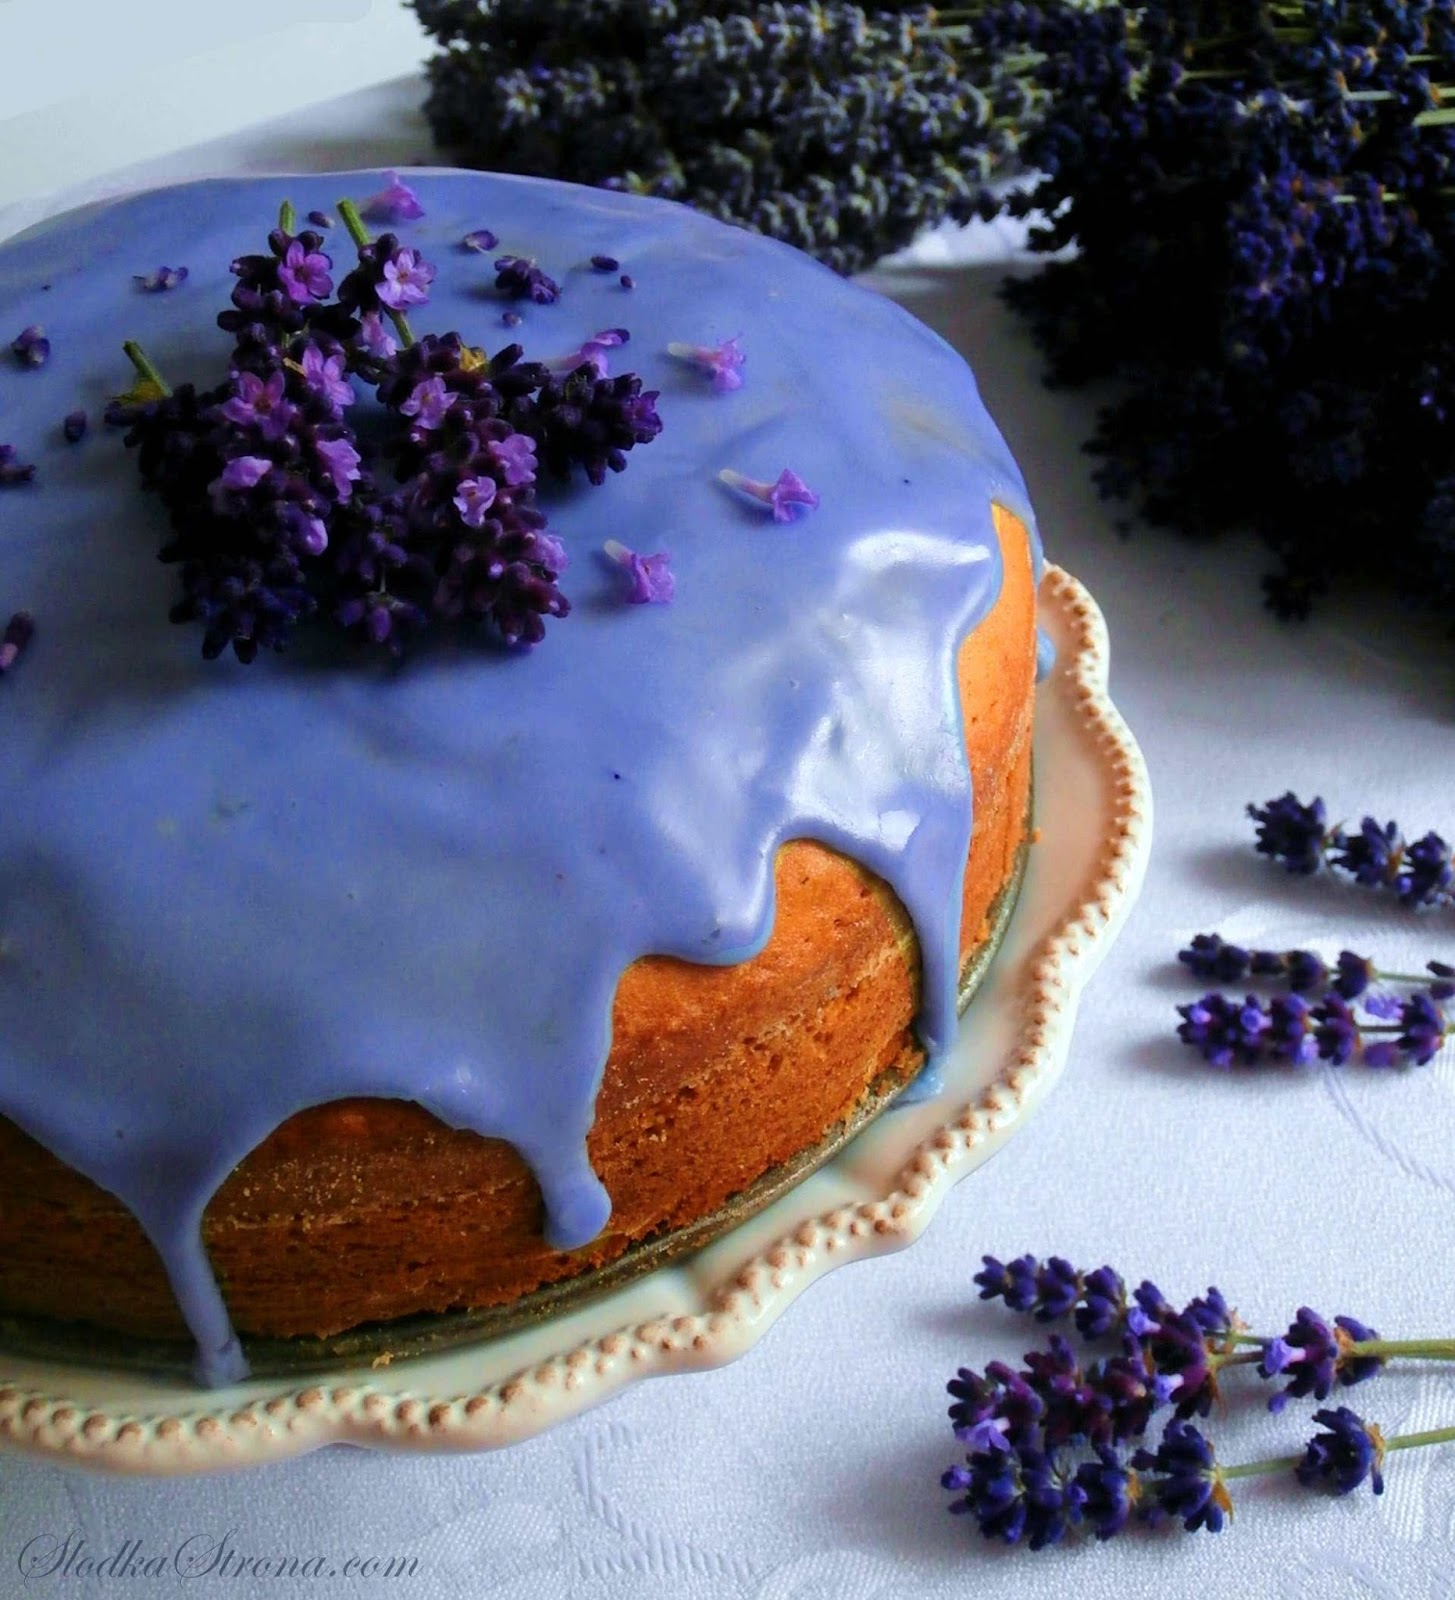 Ciasto Lawendowe z Cytryną i Migdałami - Przepis - Slodka Strona